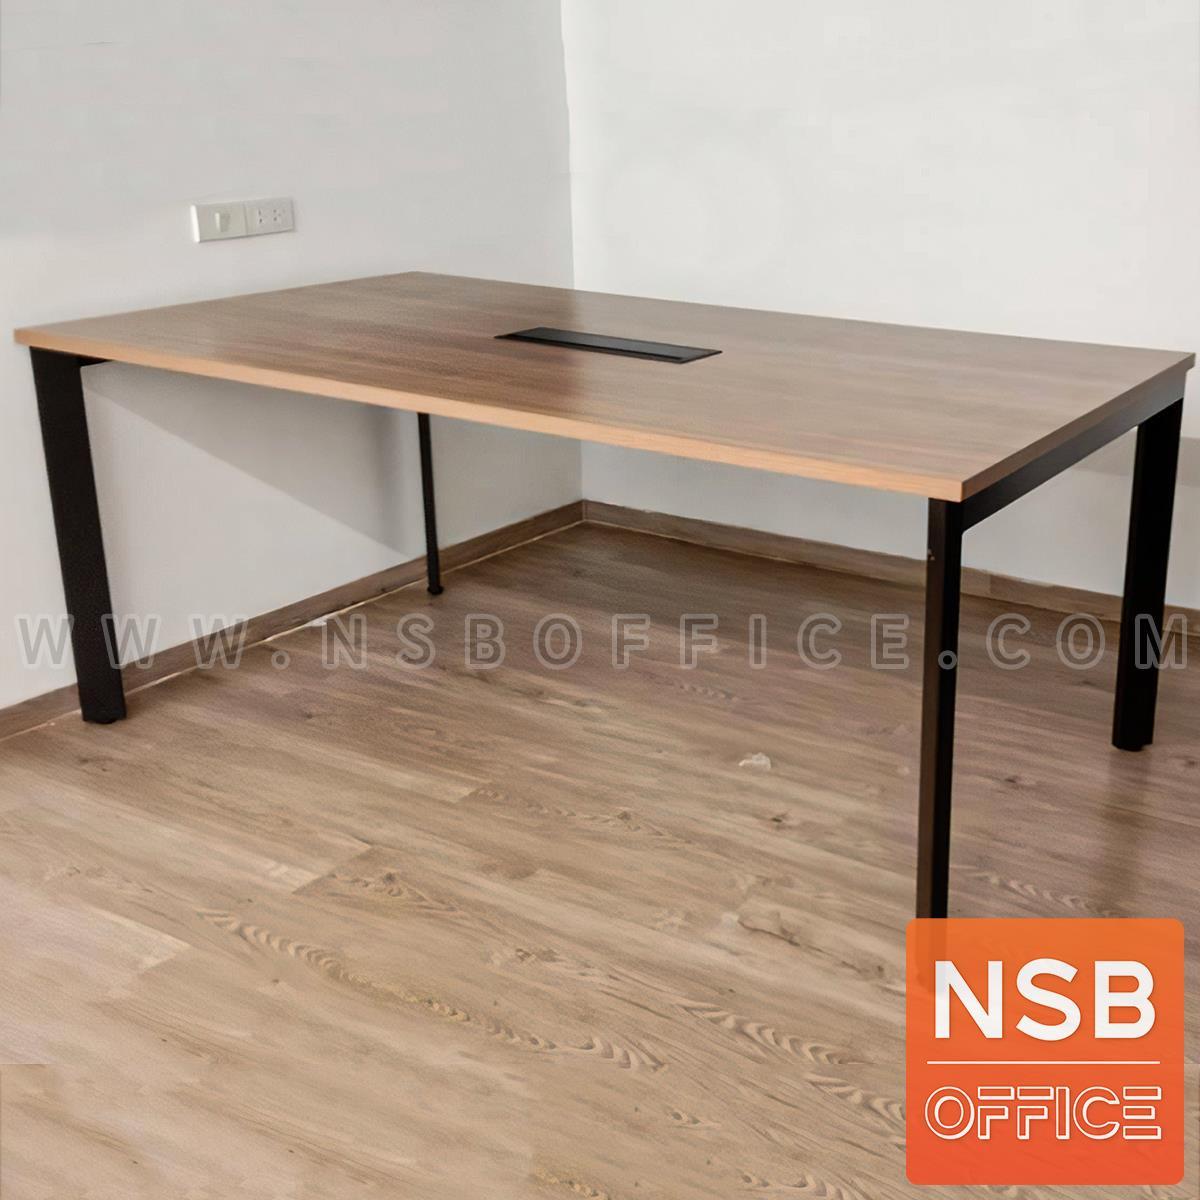 โต๊ะประชุม รุ่น Alisha (อลิชา)  ขาเหล็กทะแยงมุม พิเศษขนาด 3 × 1 นิ้ว